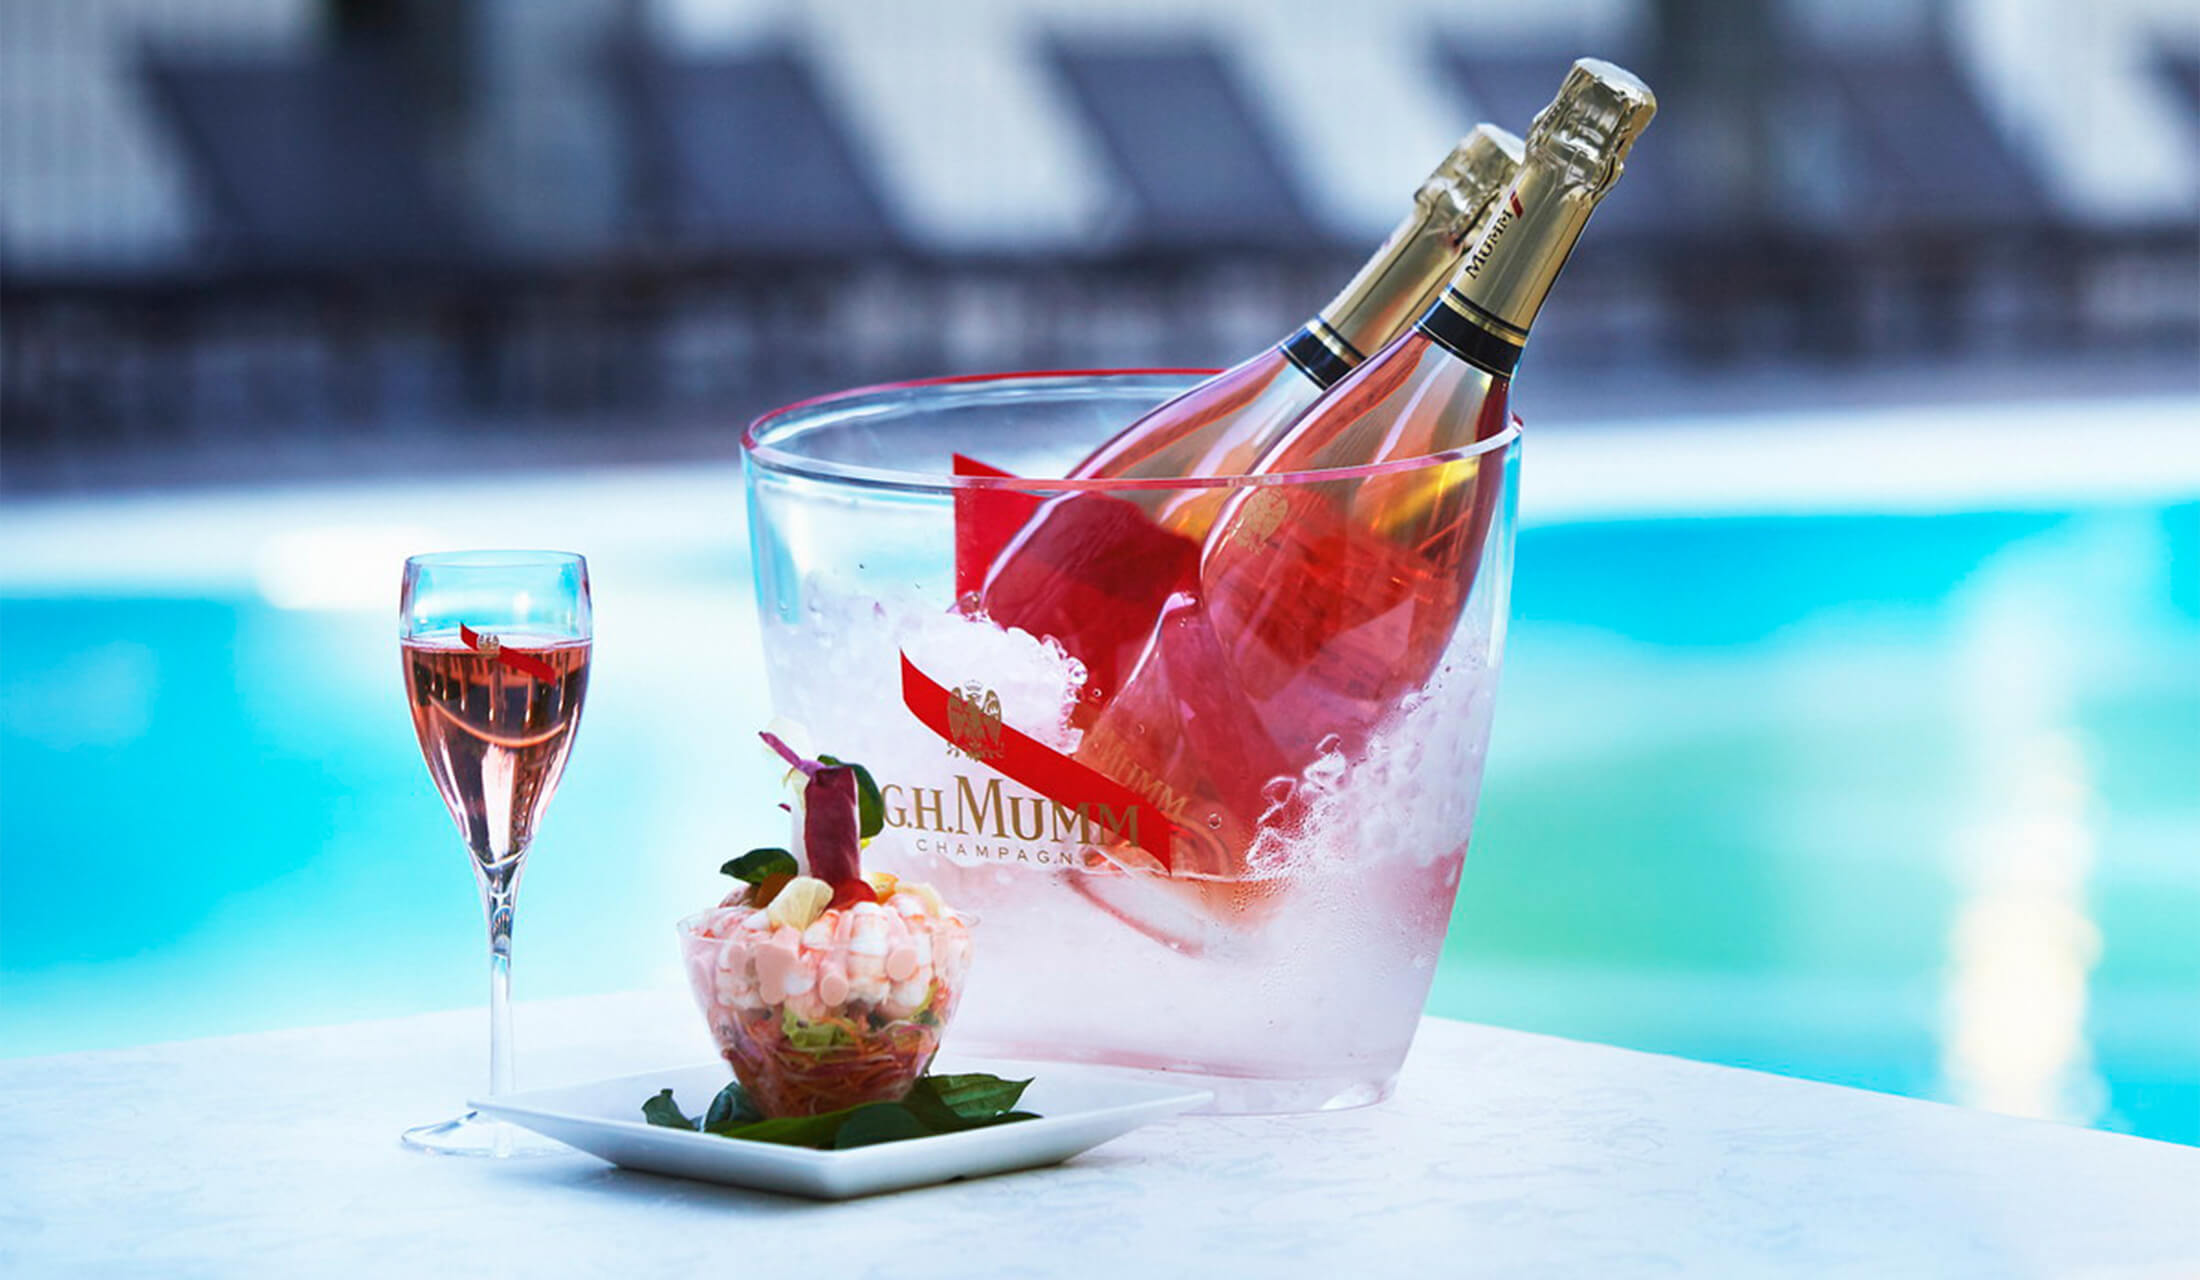 プールサイドに置かれたシャンパンとグラス